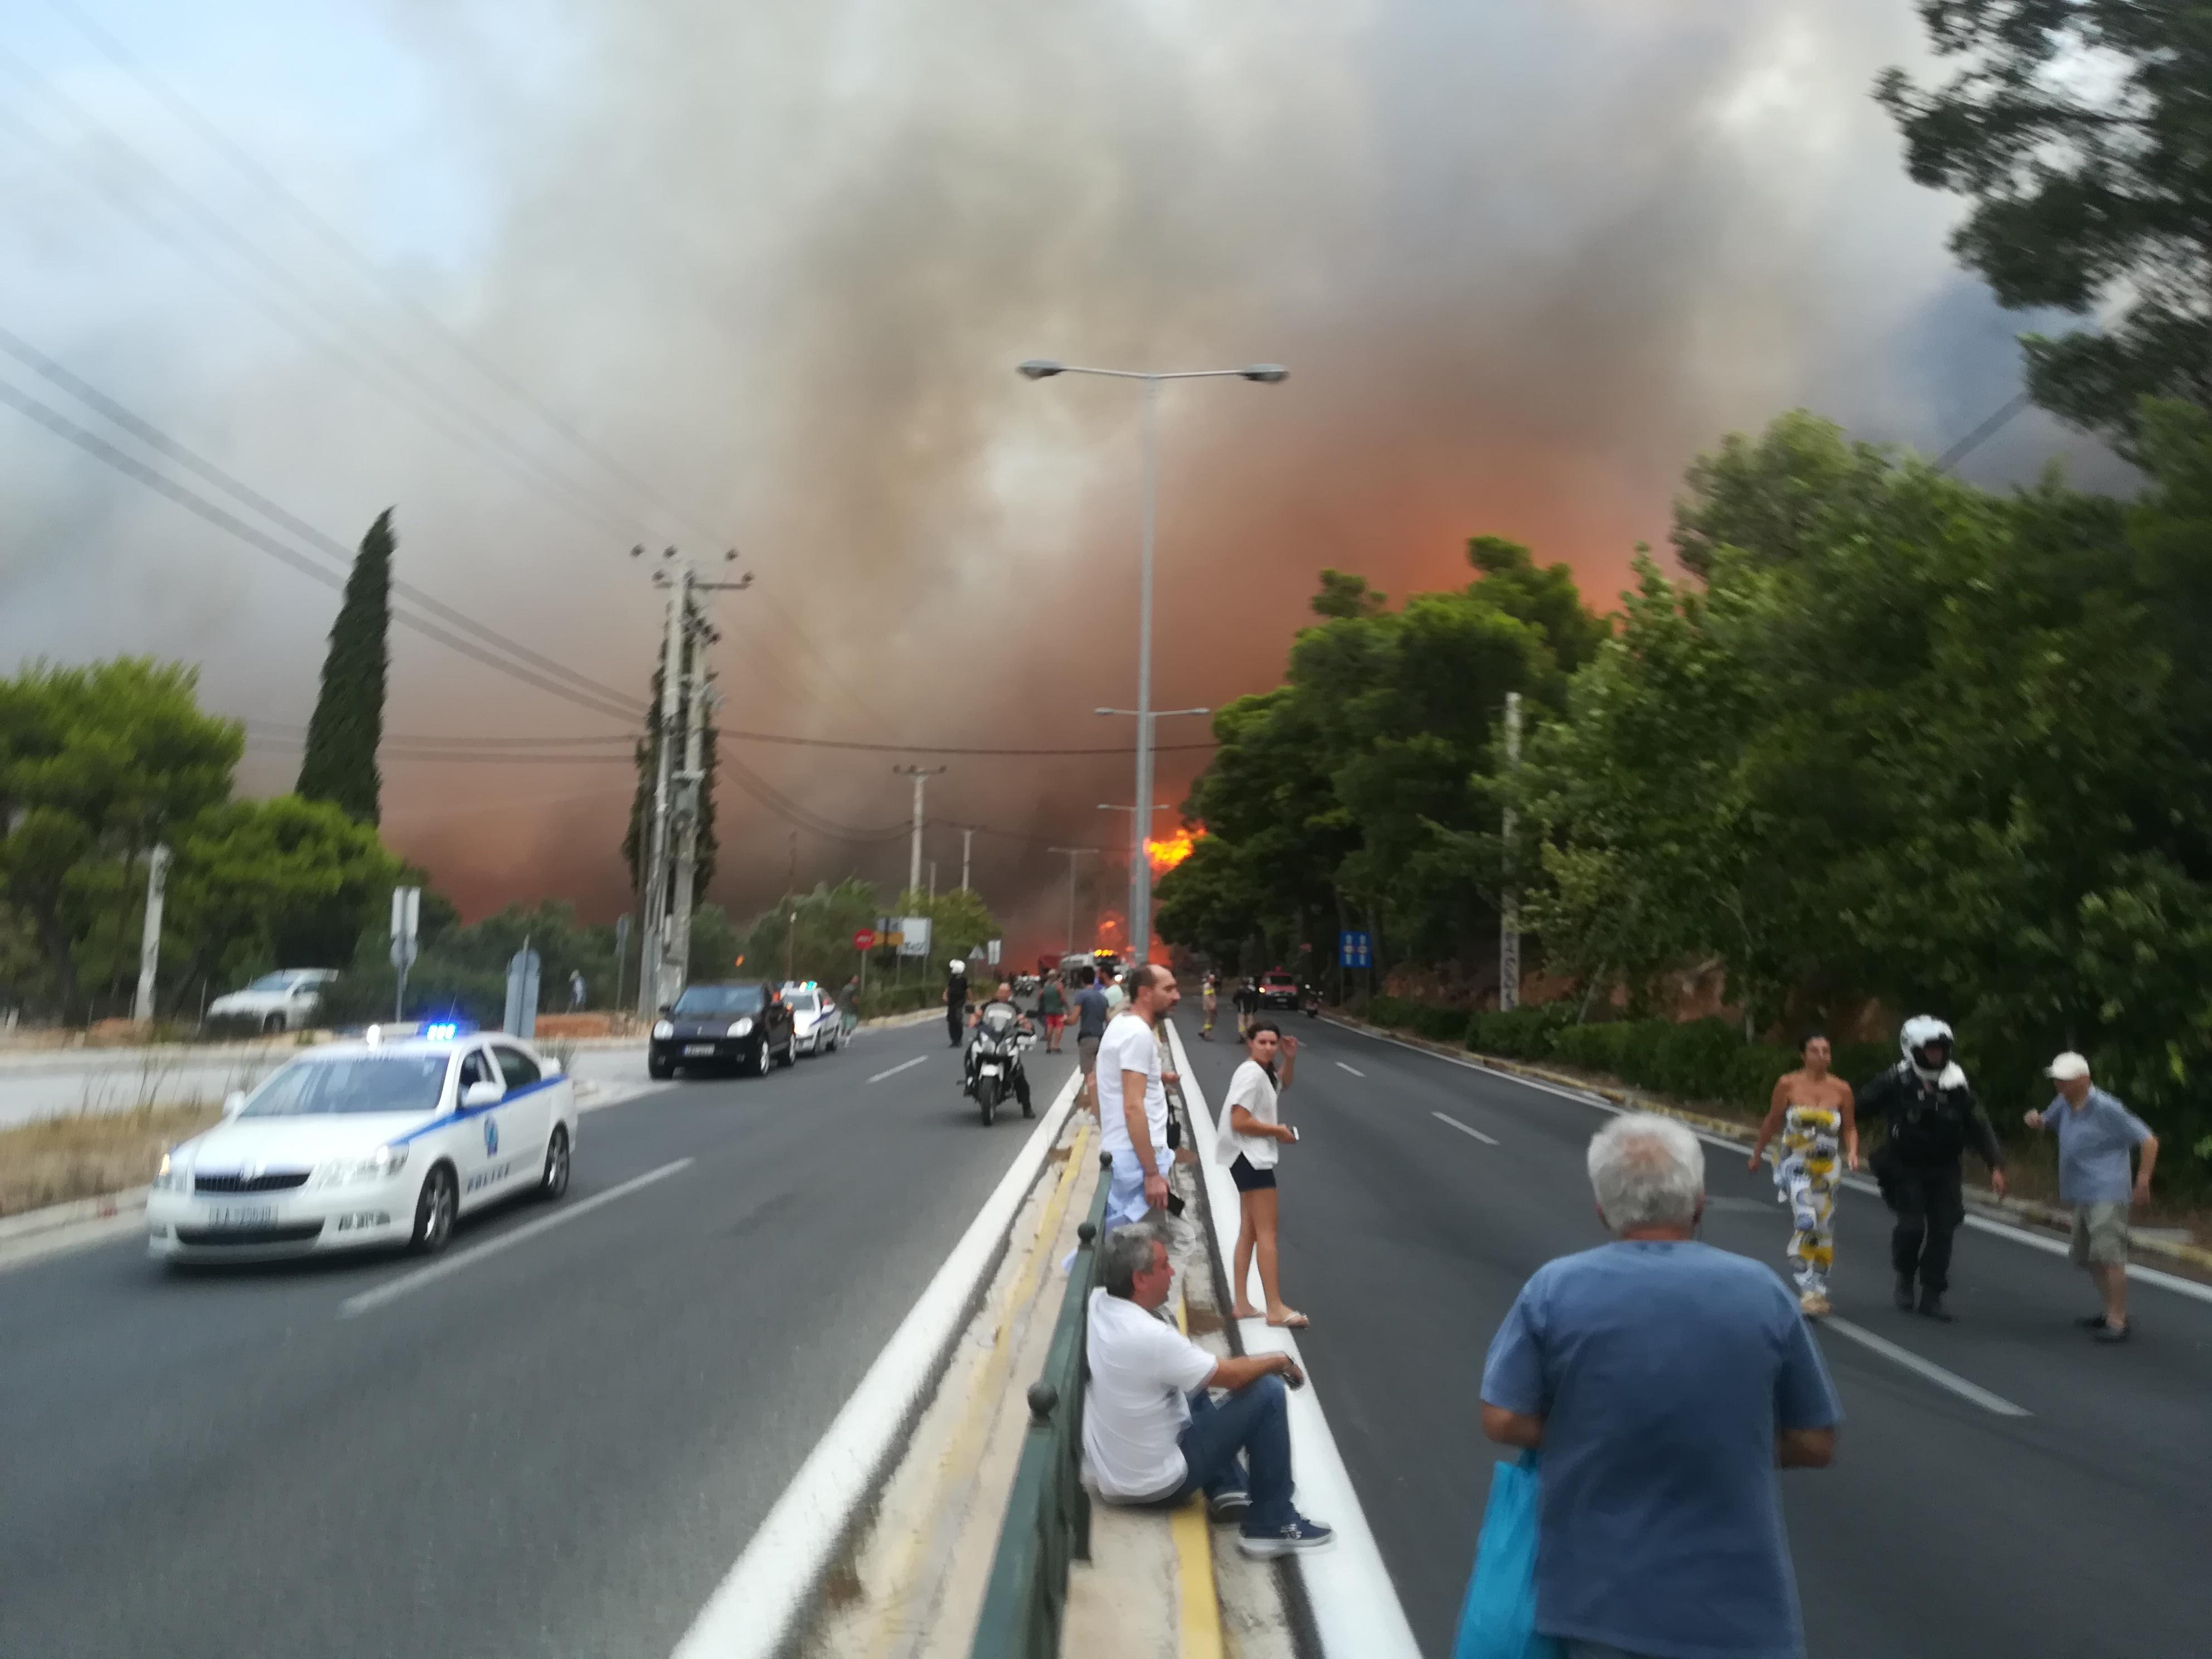 eikones-oloklirotikis-katastrofis-apo-tis-pyrkagies-foto-amp-8211-vinteo22